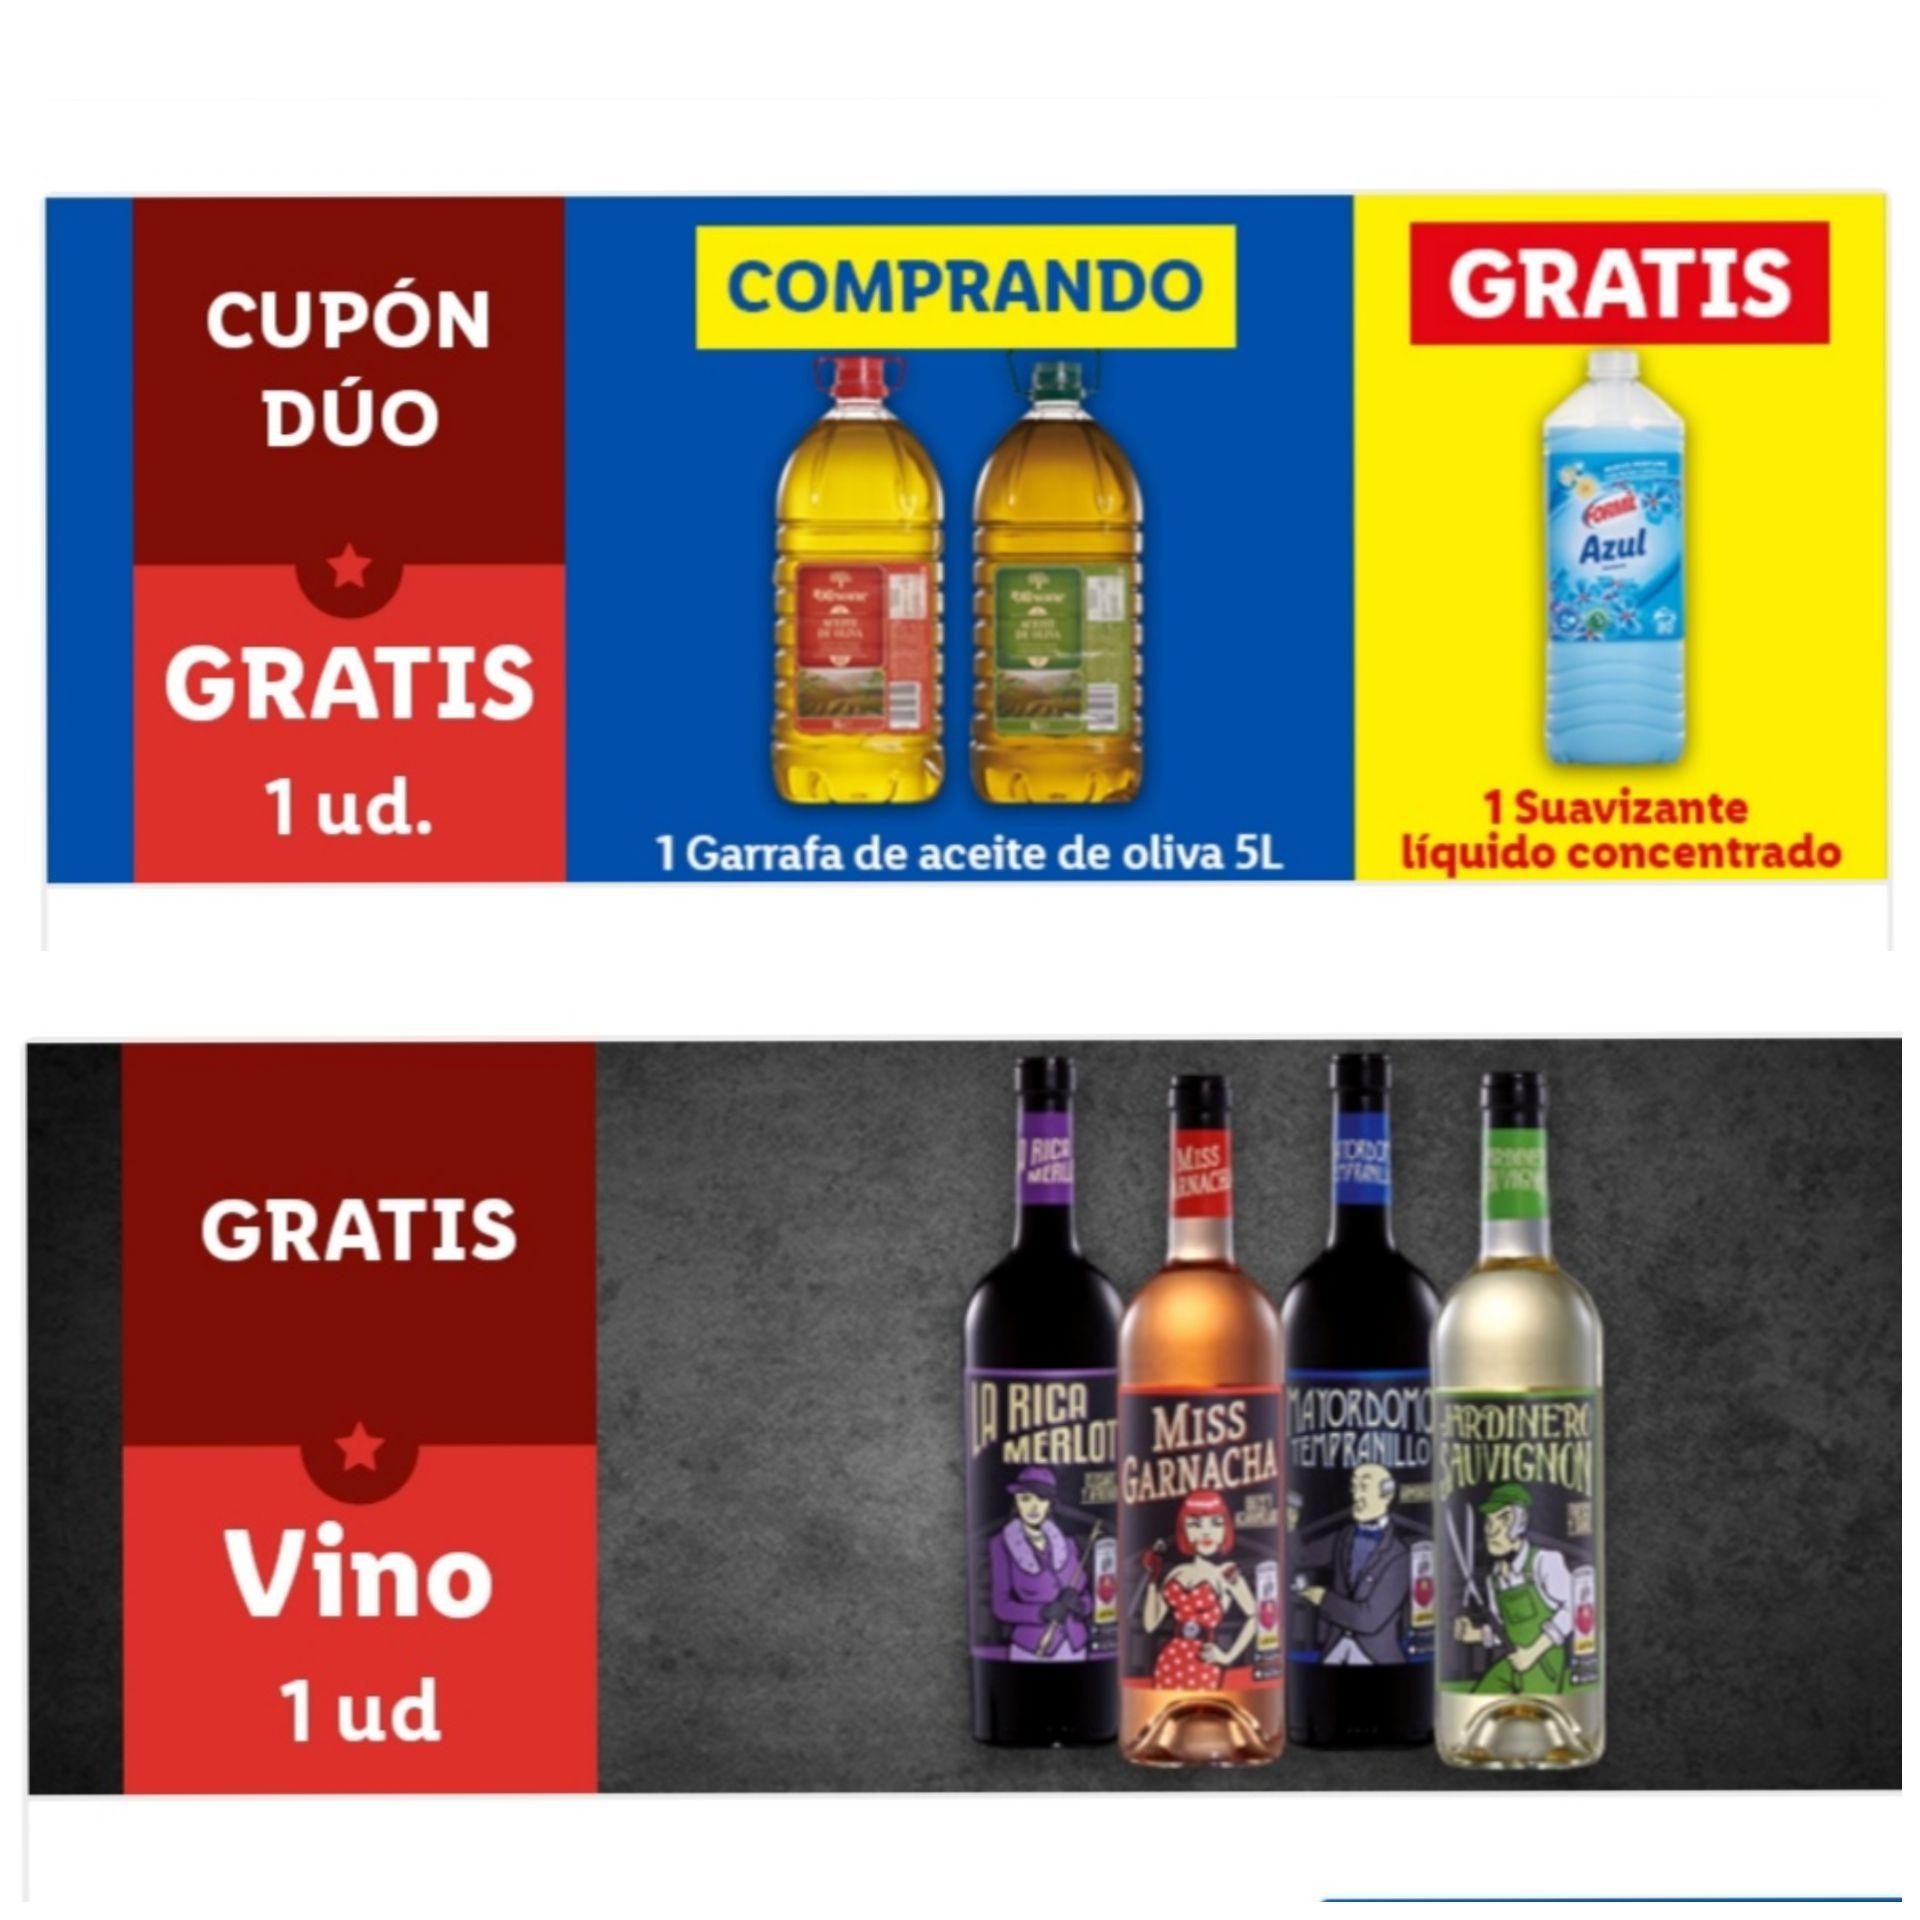 Botella vino y/o suavizante gratis por compra. App Lidl.